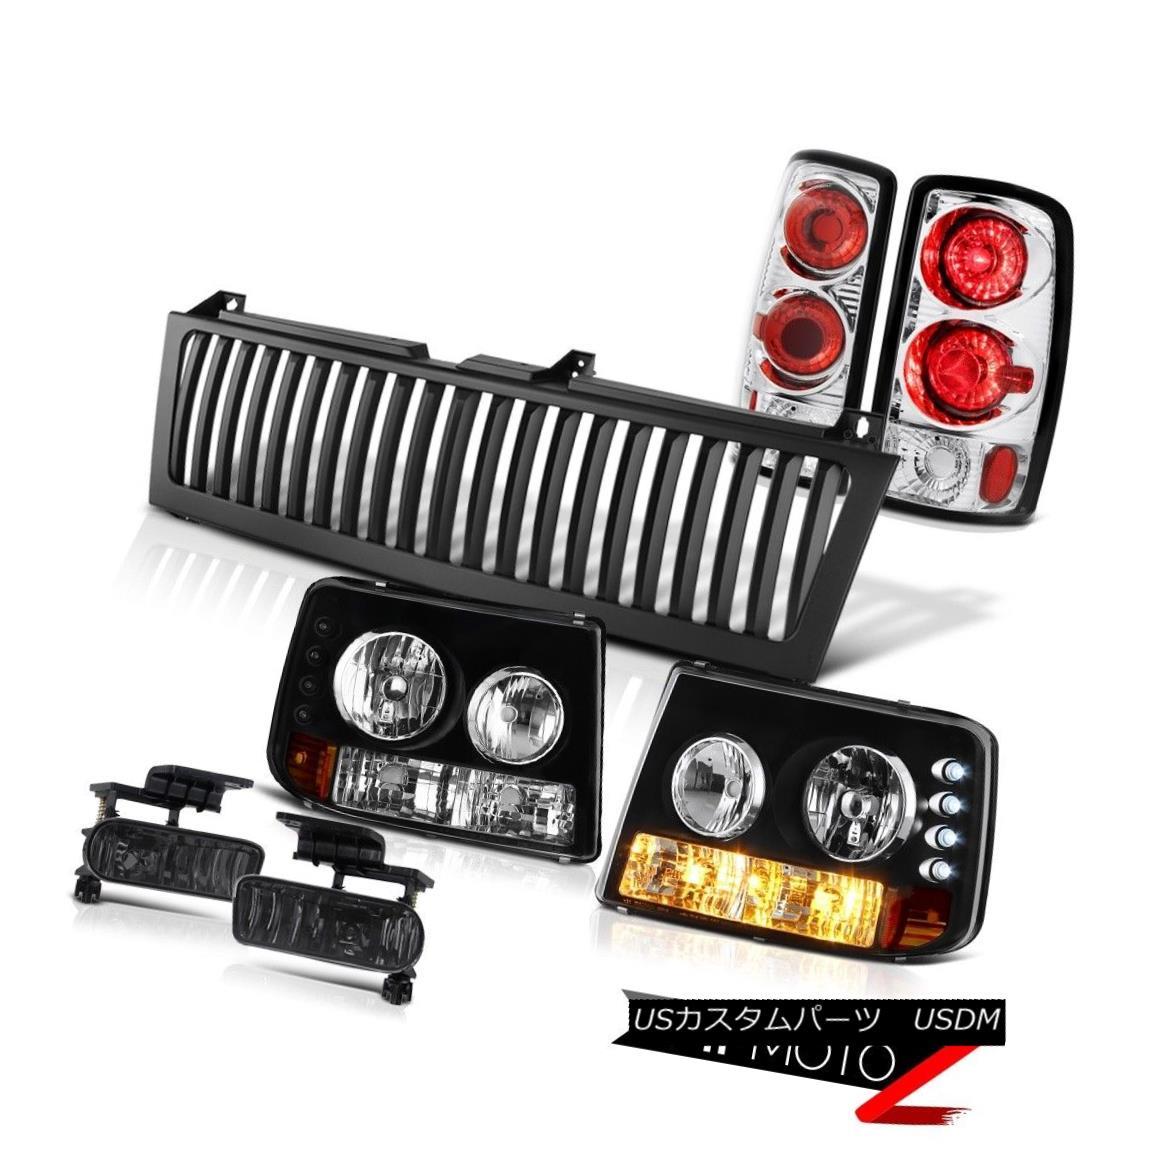 テールライト 00 01 02 03 04 05 06 Tahoe 5.3L Bumper+Headlight Brake Taillamp Fog Black Grille 00 01 02 03 04 05 06タホ5.3Lバンパー+ヘッドリグ htブレーキ・タイラーンプ・フォグ・ブラック・グリル